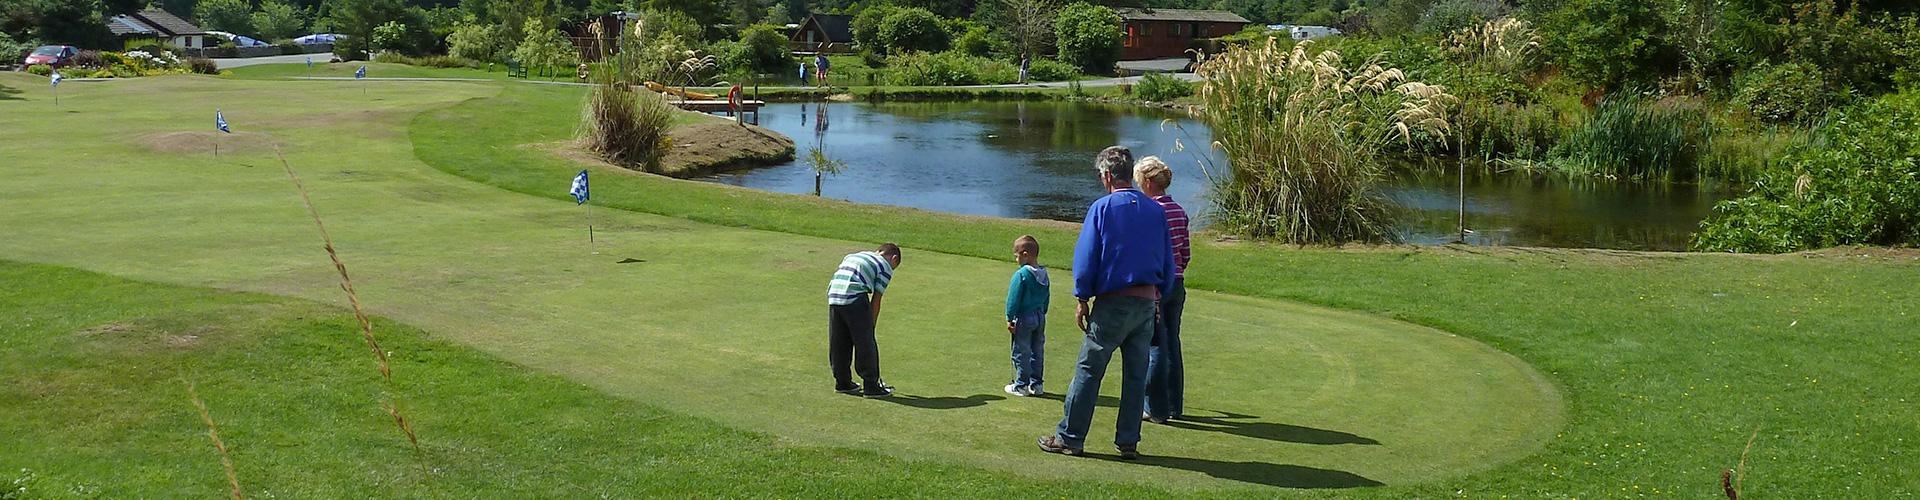 Mini golf at Brighouse Bay Holiday Park